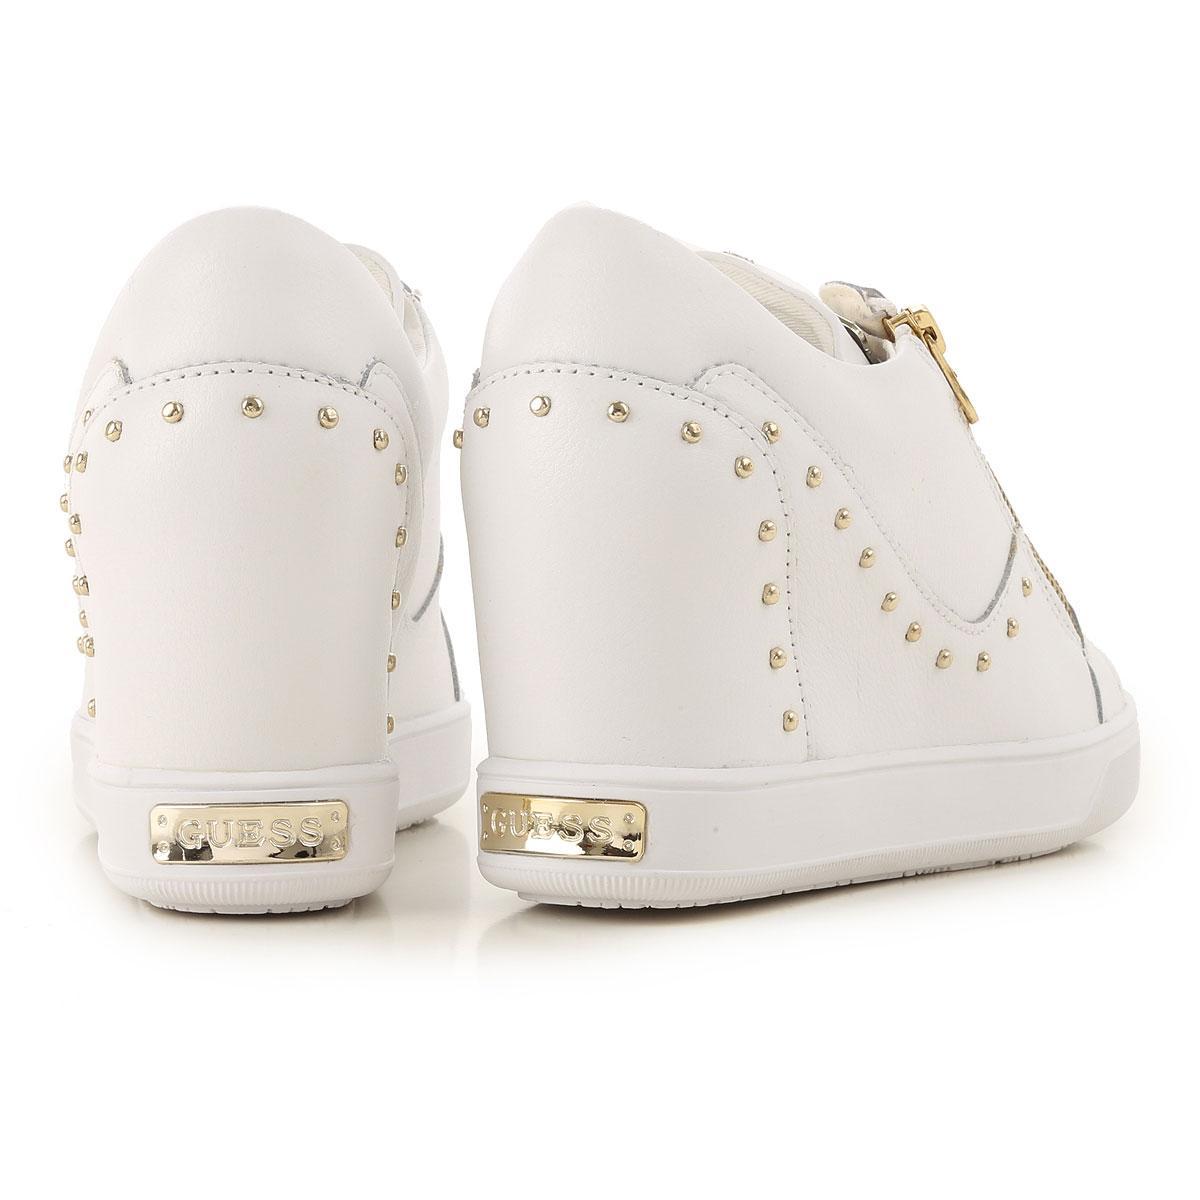 Zapatillas Deportivas de Mujer Guess de Encaje de color Blanco